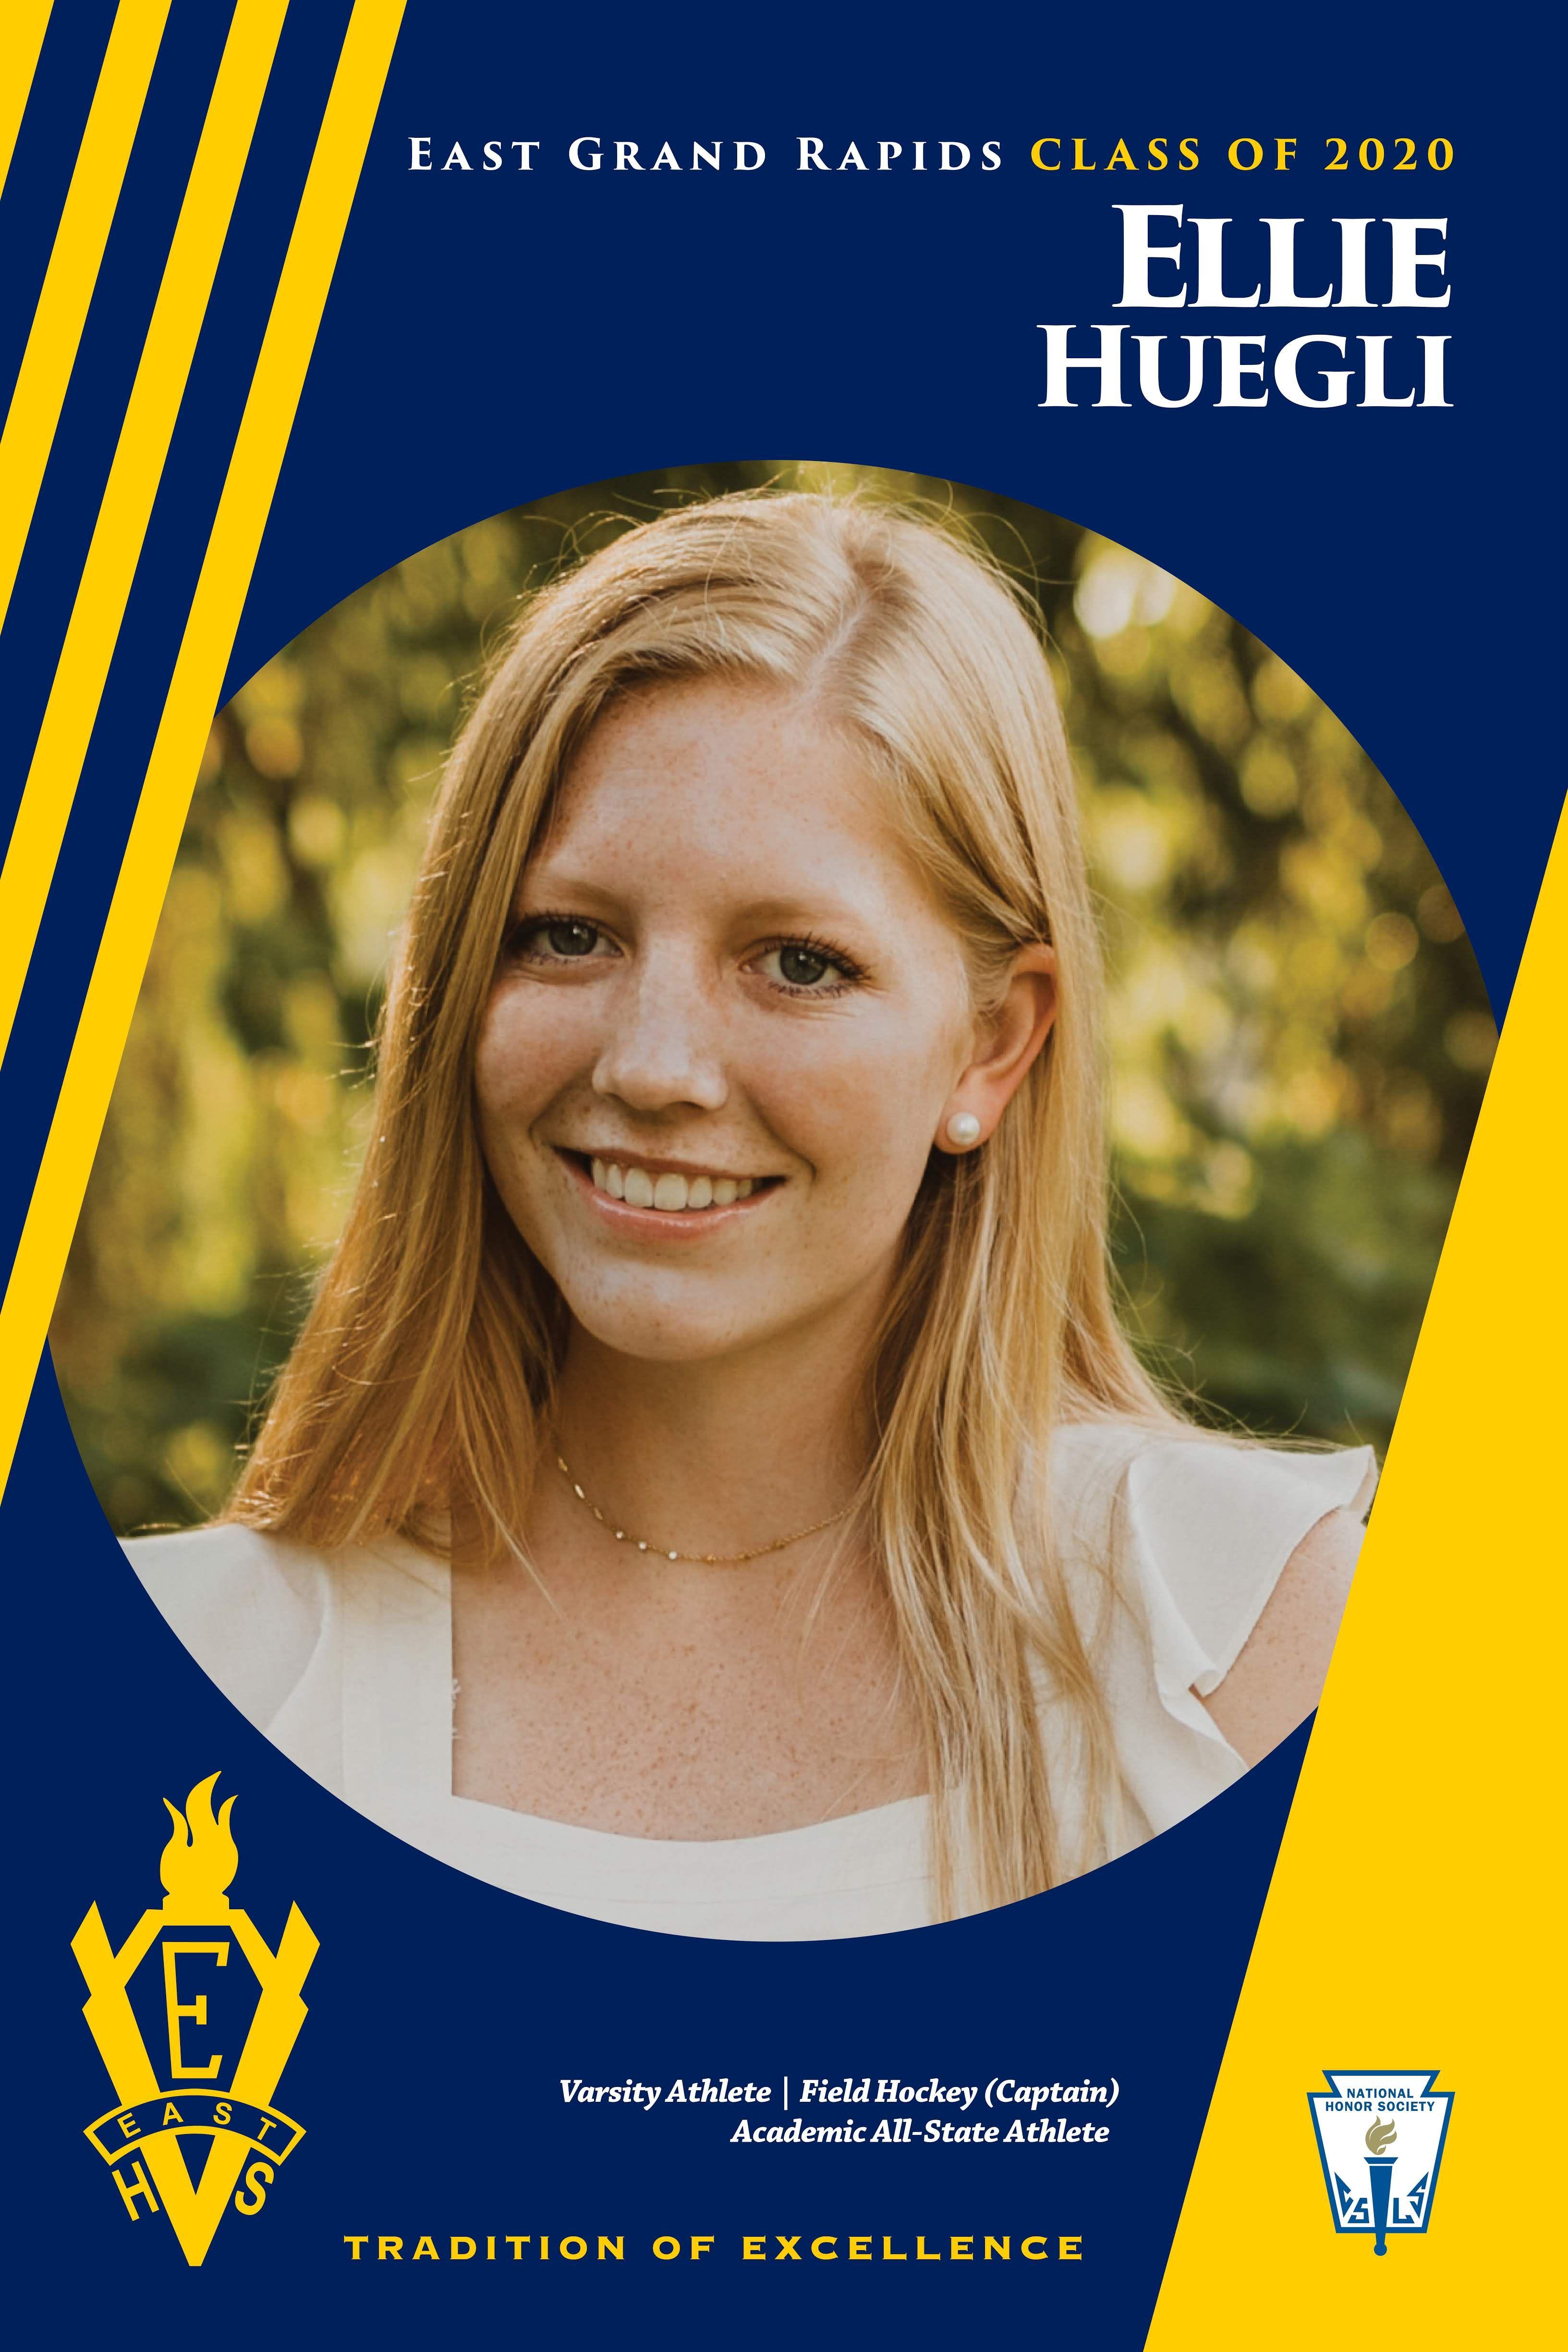 Ellie Huegli